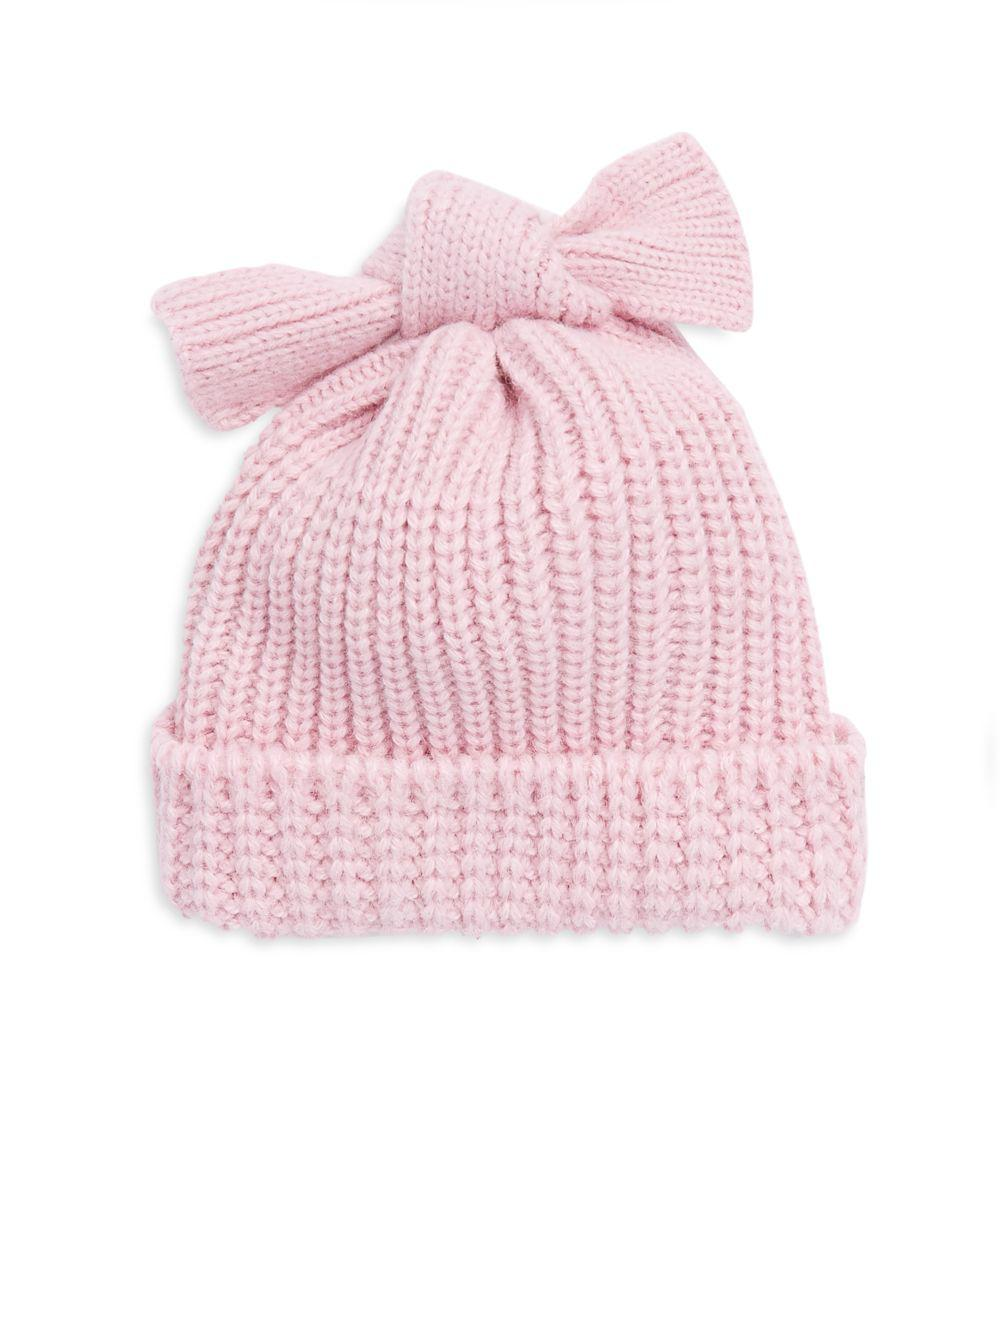 e53f913006f Helene Berman Bow Tie Beanie in Pink - Lyst